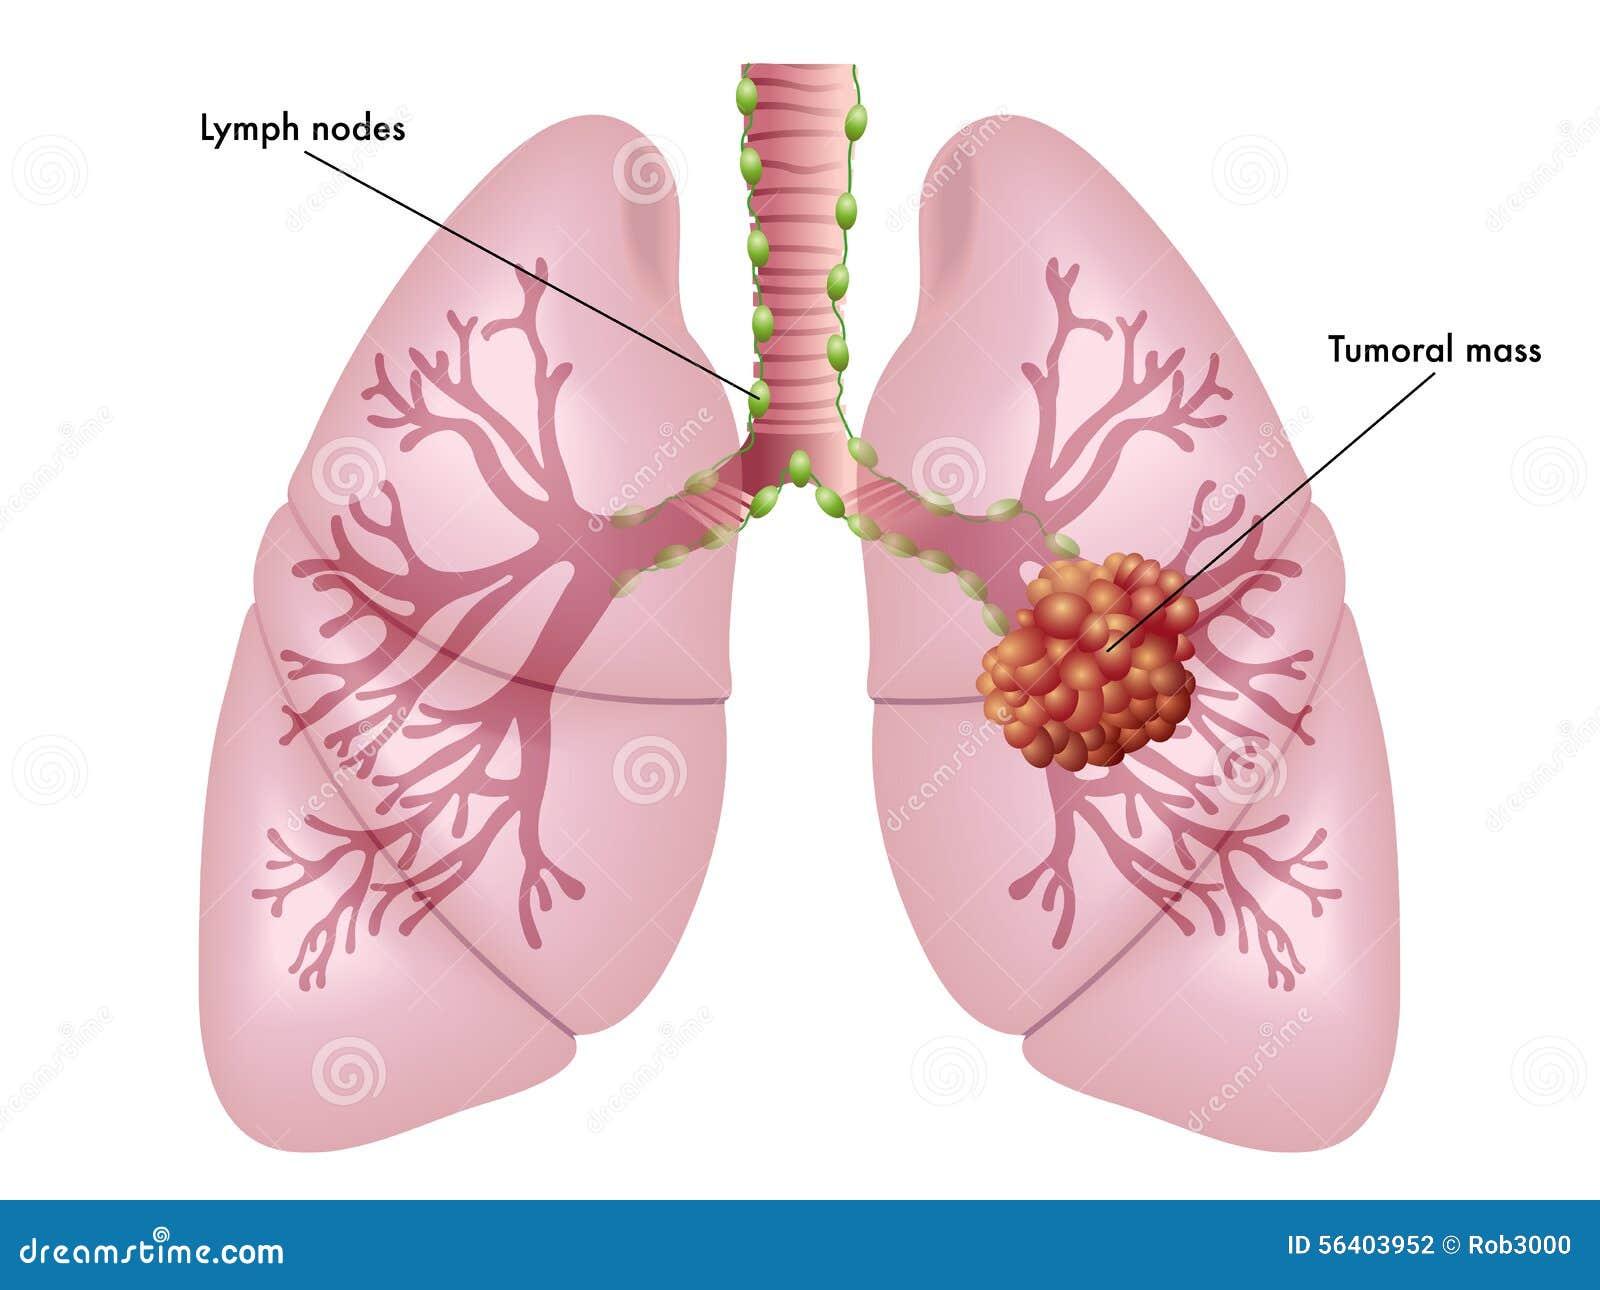 Lung cancer foto de stock imagem de apetite cigarro 56403952 download lung cancer foto de stock imagem de apetite cigarro 56403952 ccuart Image collections